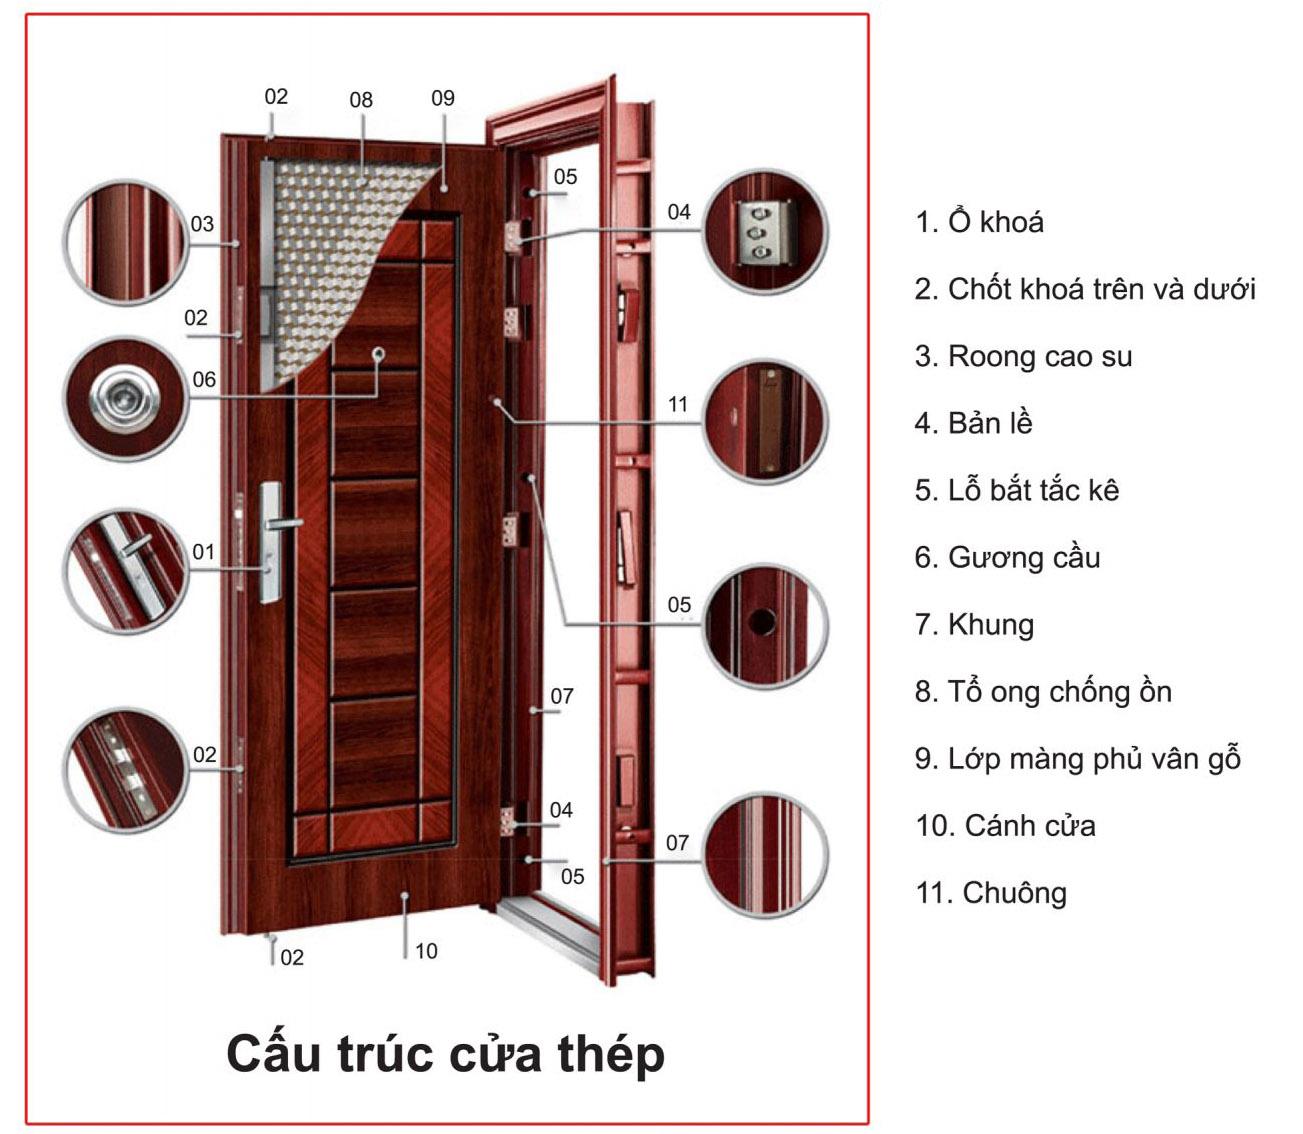 tinh_uu_viet_cua_loi_thep_van_go